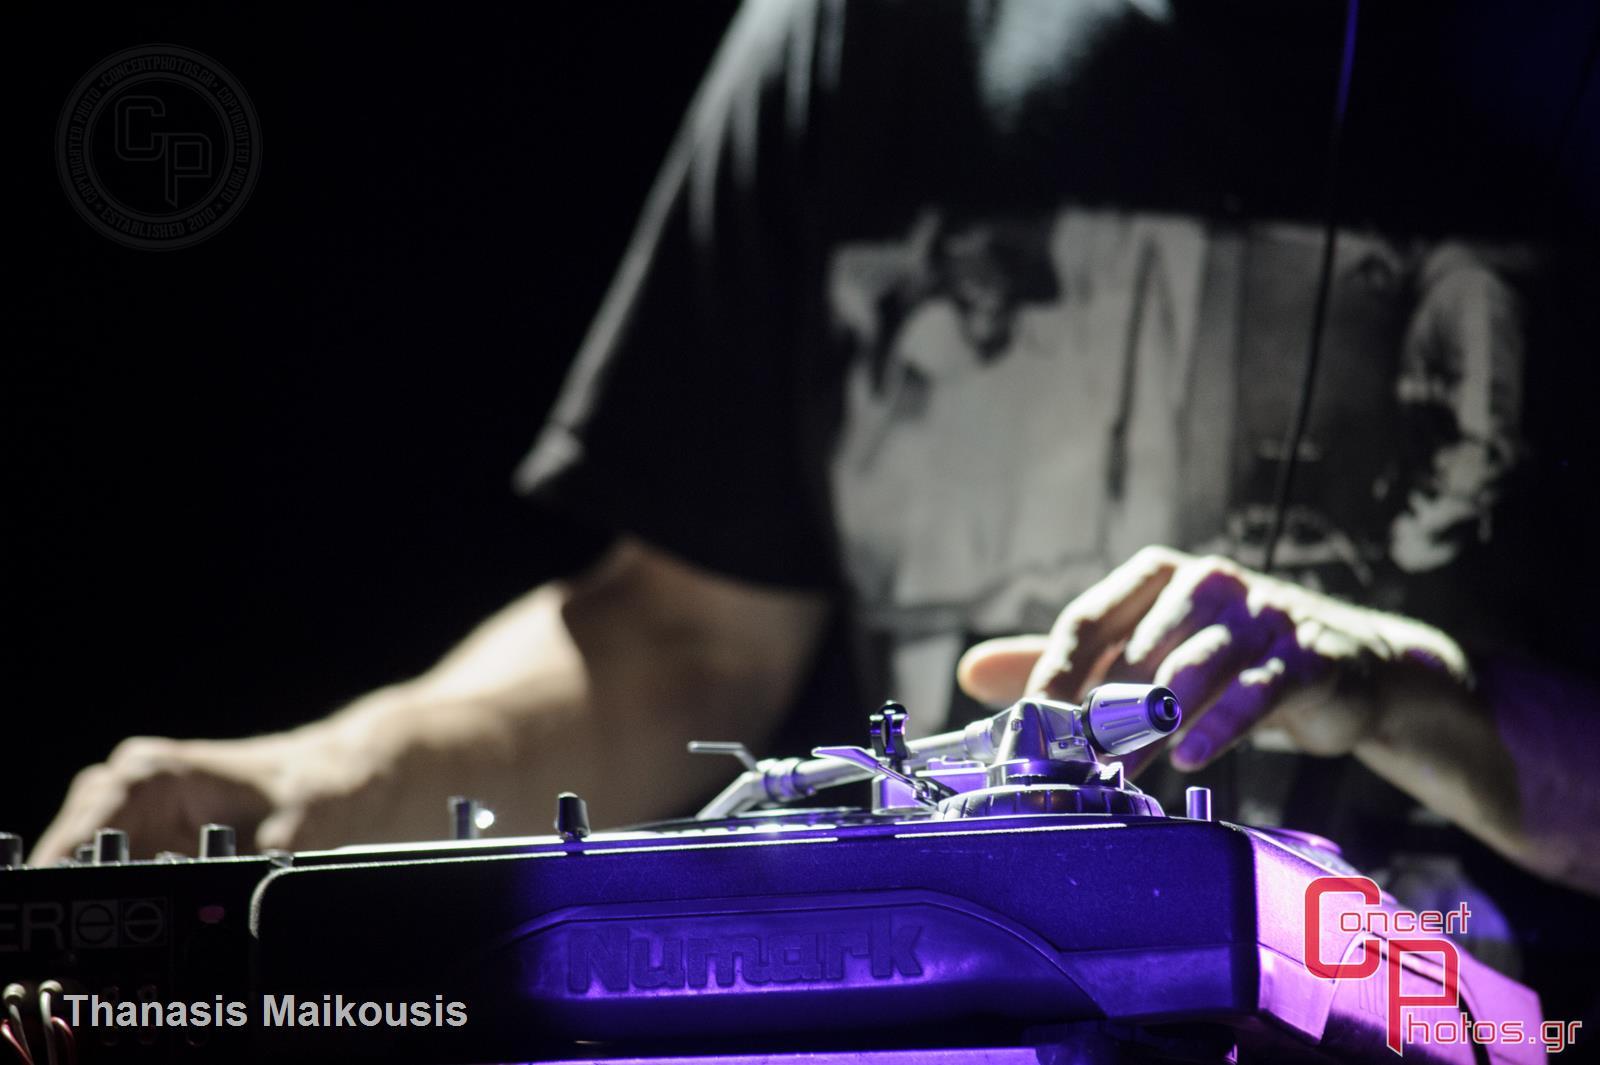 En Lefko 2014-En Lefko 2014 photographer: Thanasis Maikousis - concertphotos_20140621_22_53_25